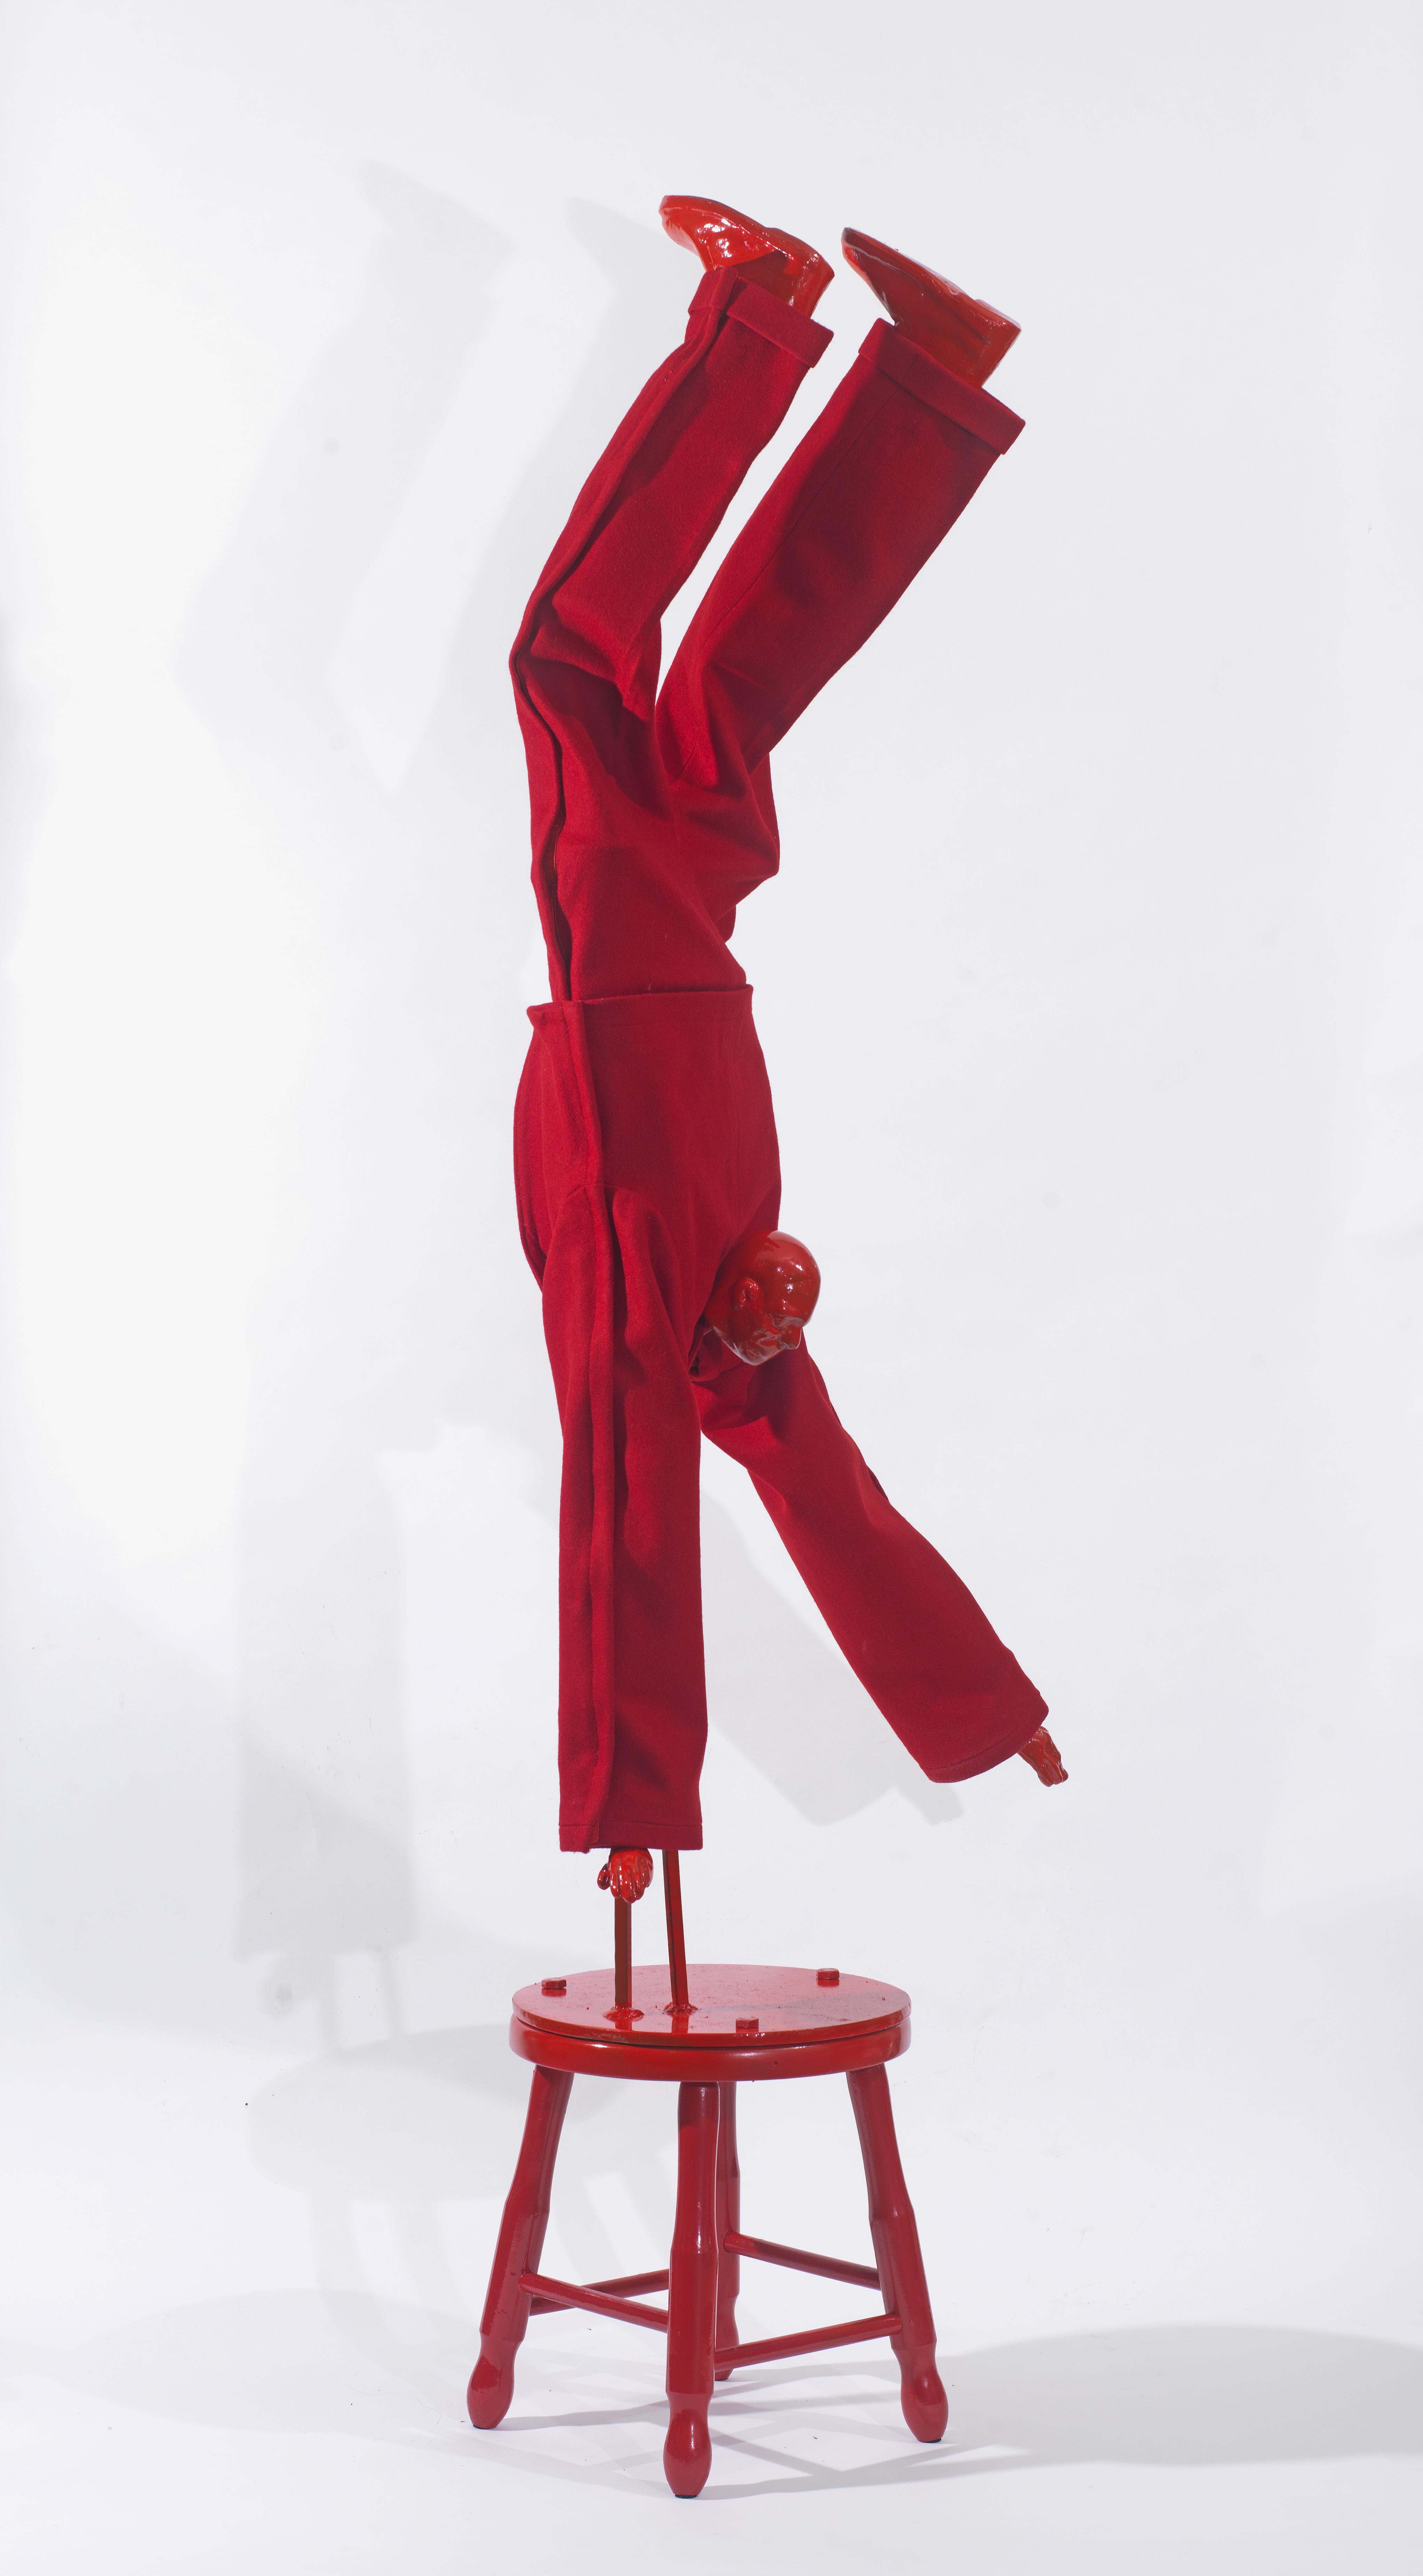 Κόκκινη Φιγούρα, Μέταλλο και Ύφασμα, 170x60x30, 2015